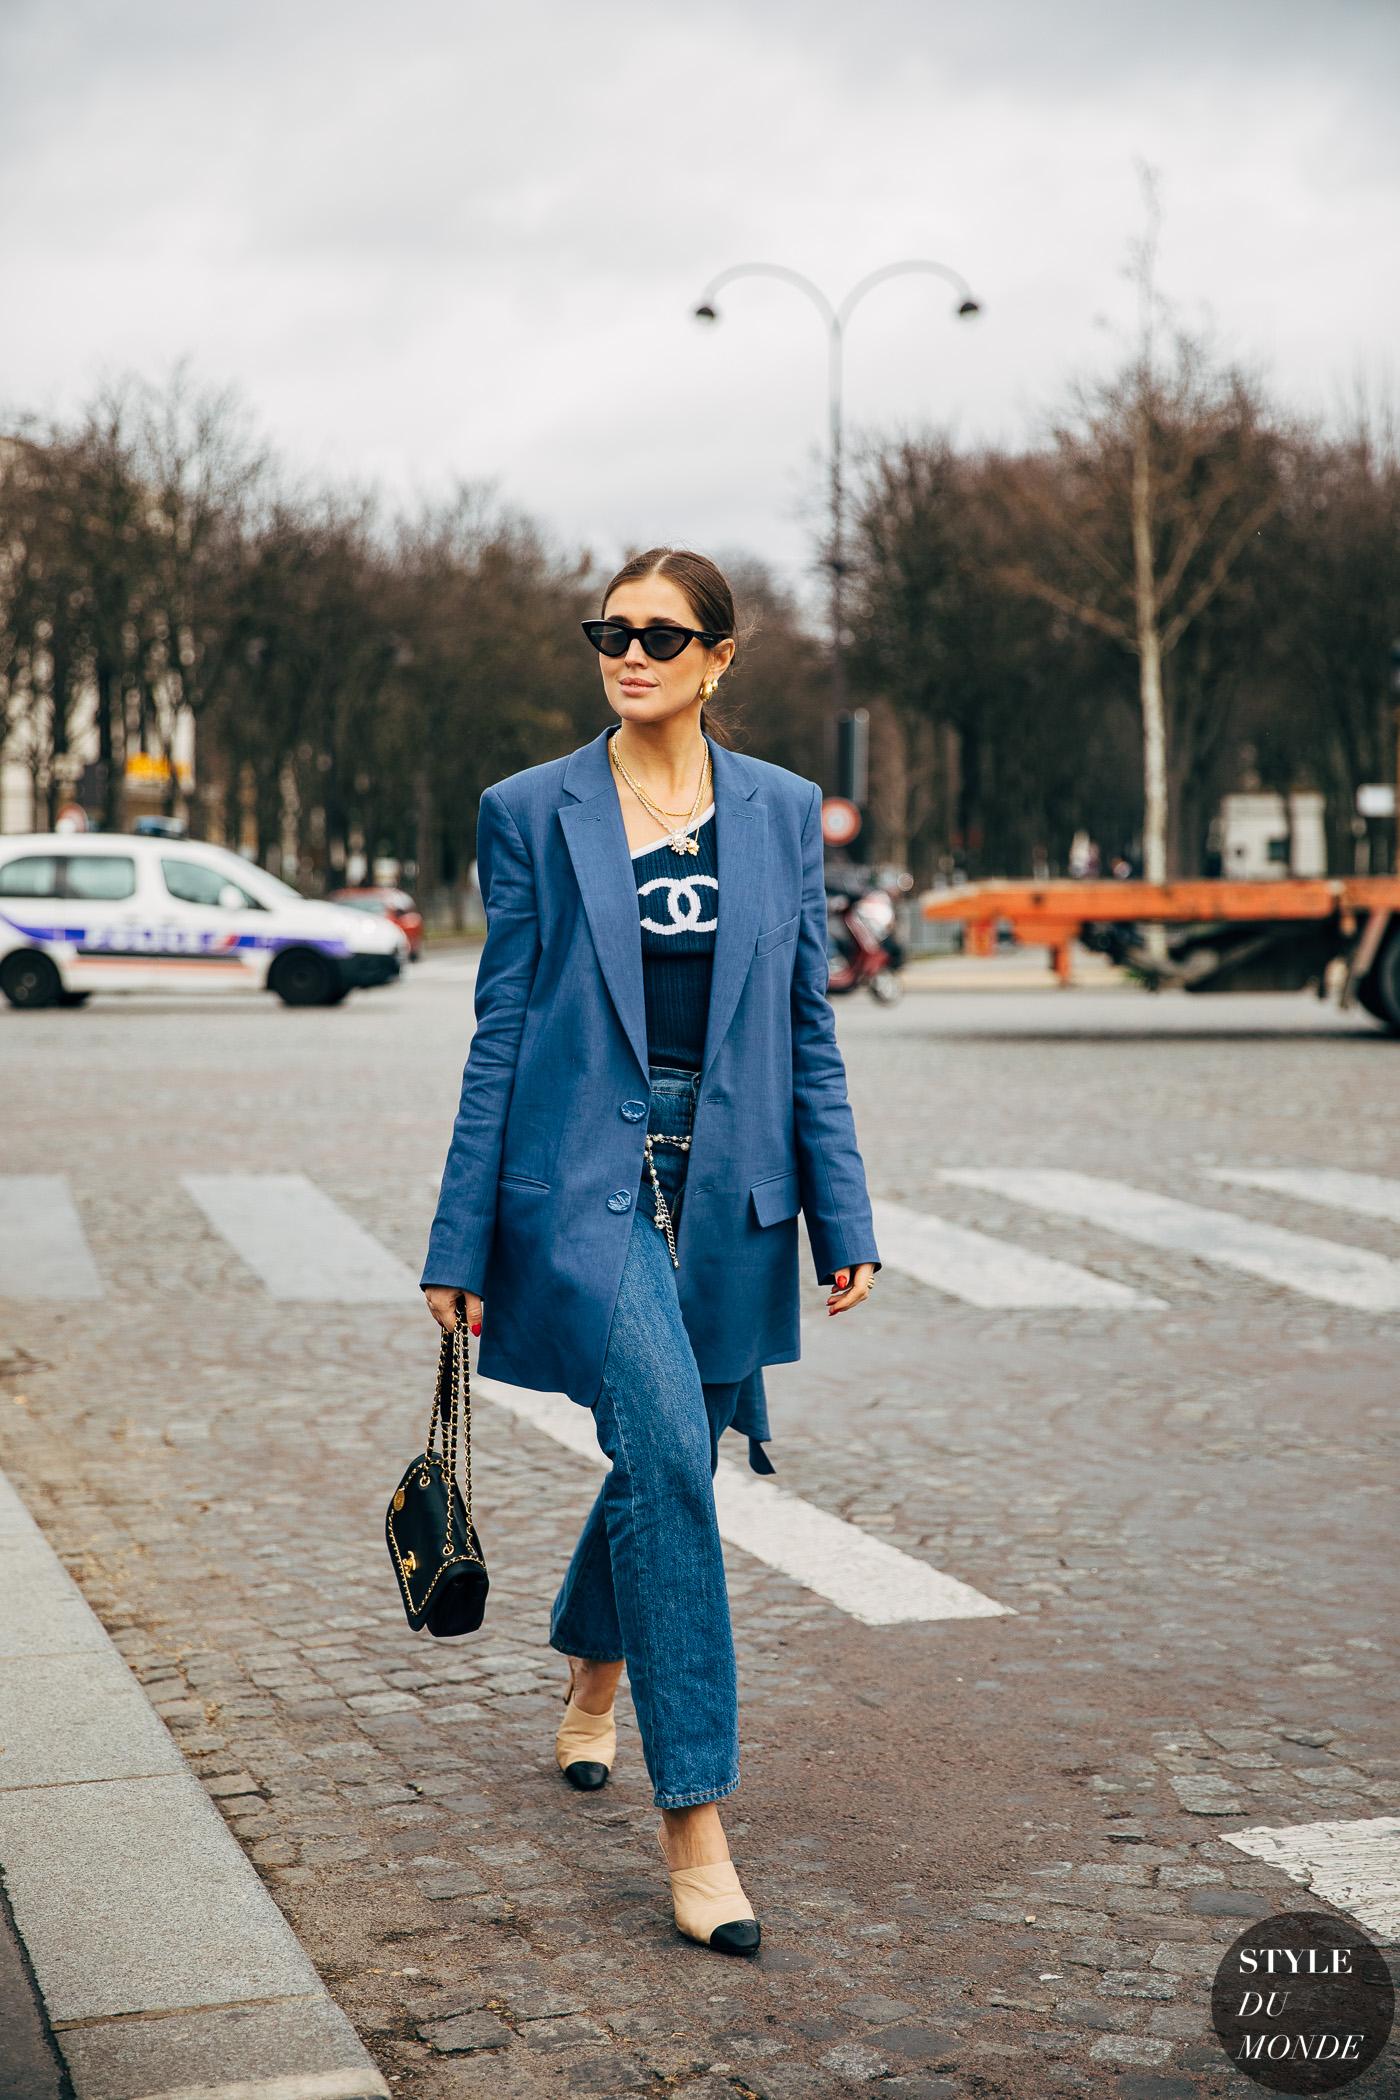 áo blazer xanh navy áo xanh chanel kính mát